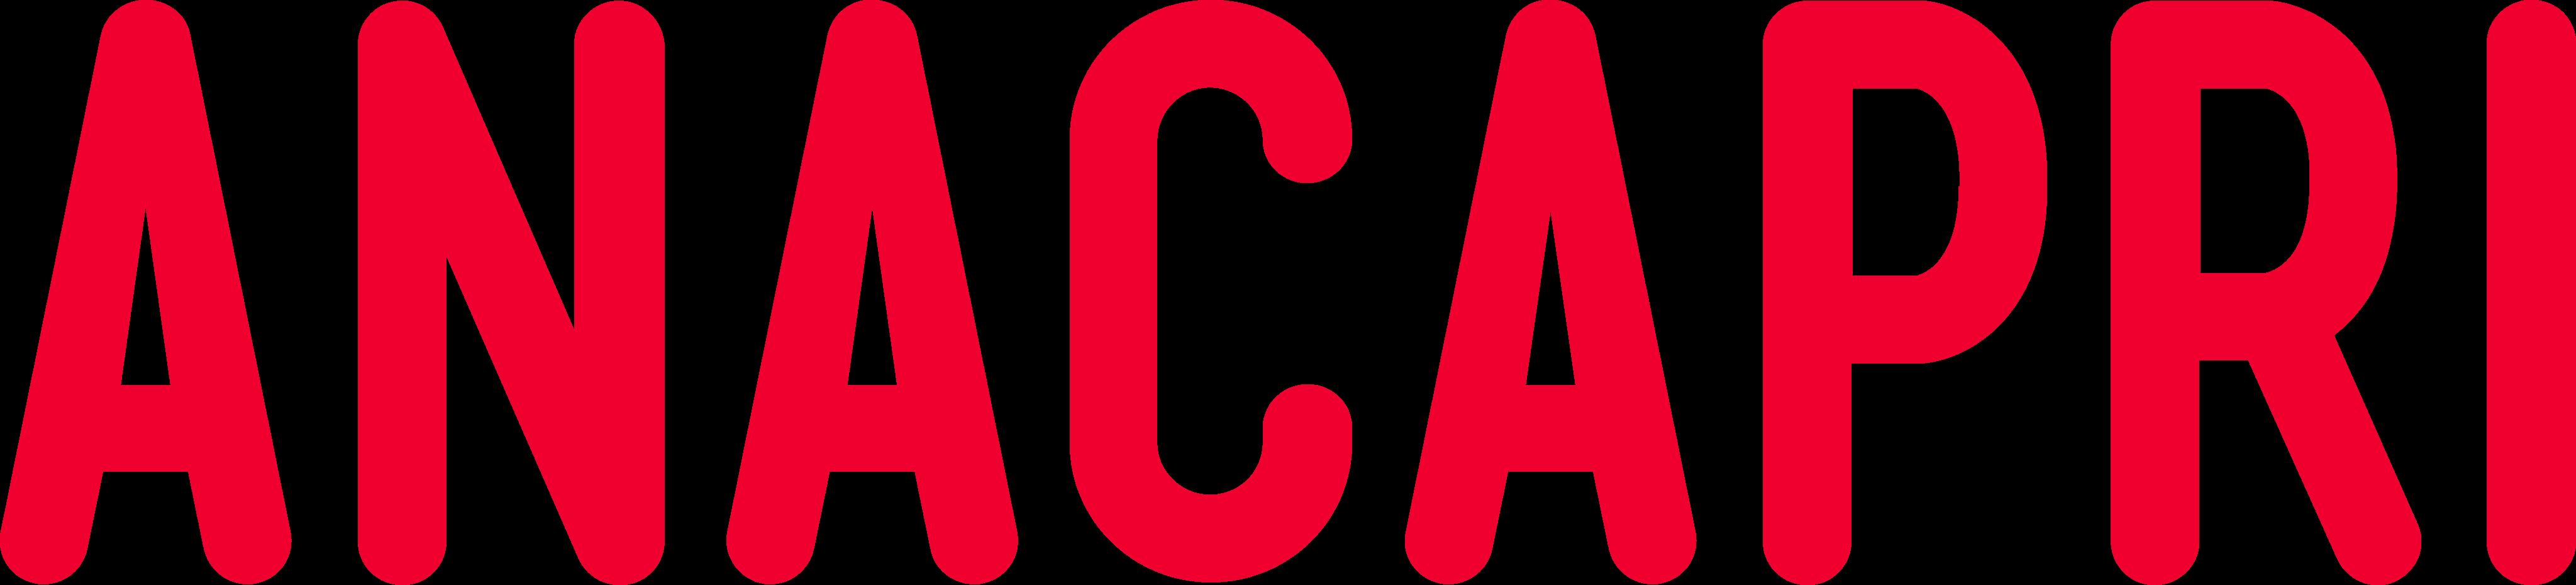 ANACAPRI Logo.